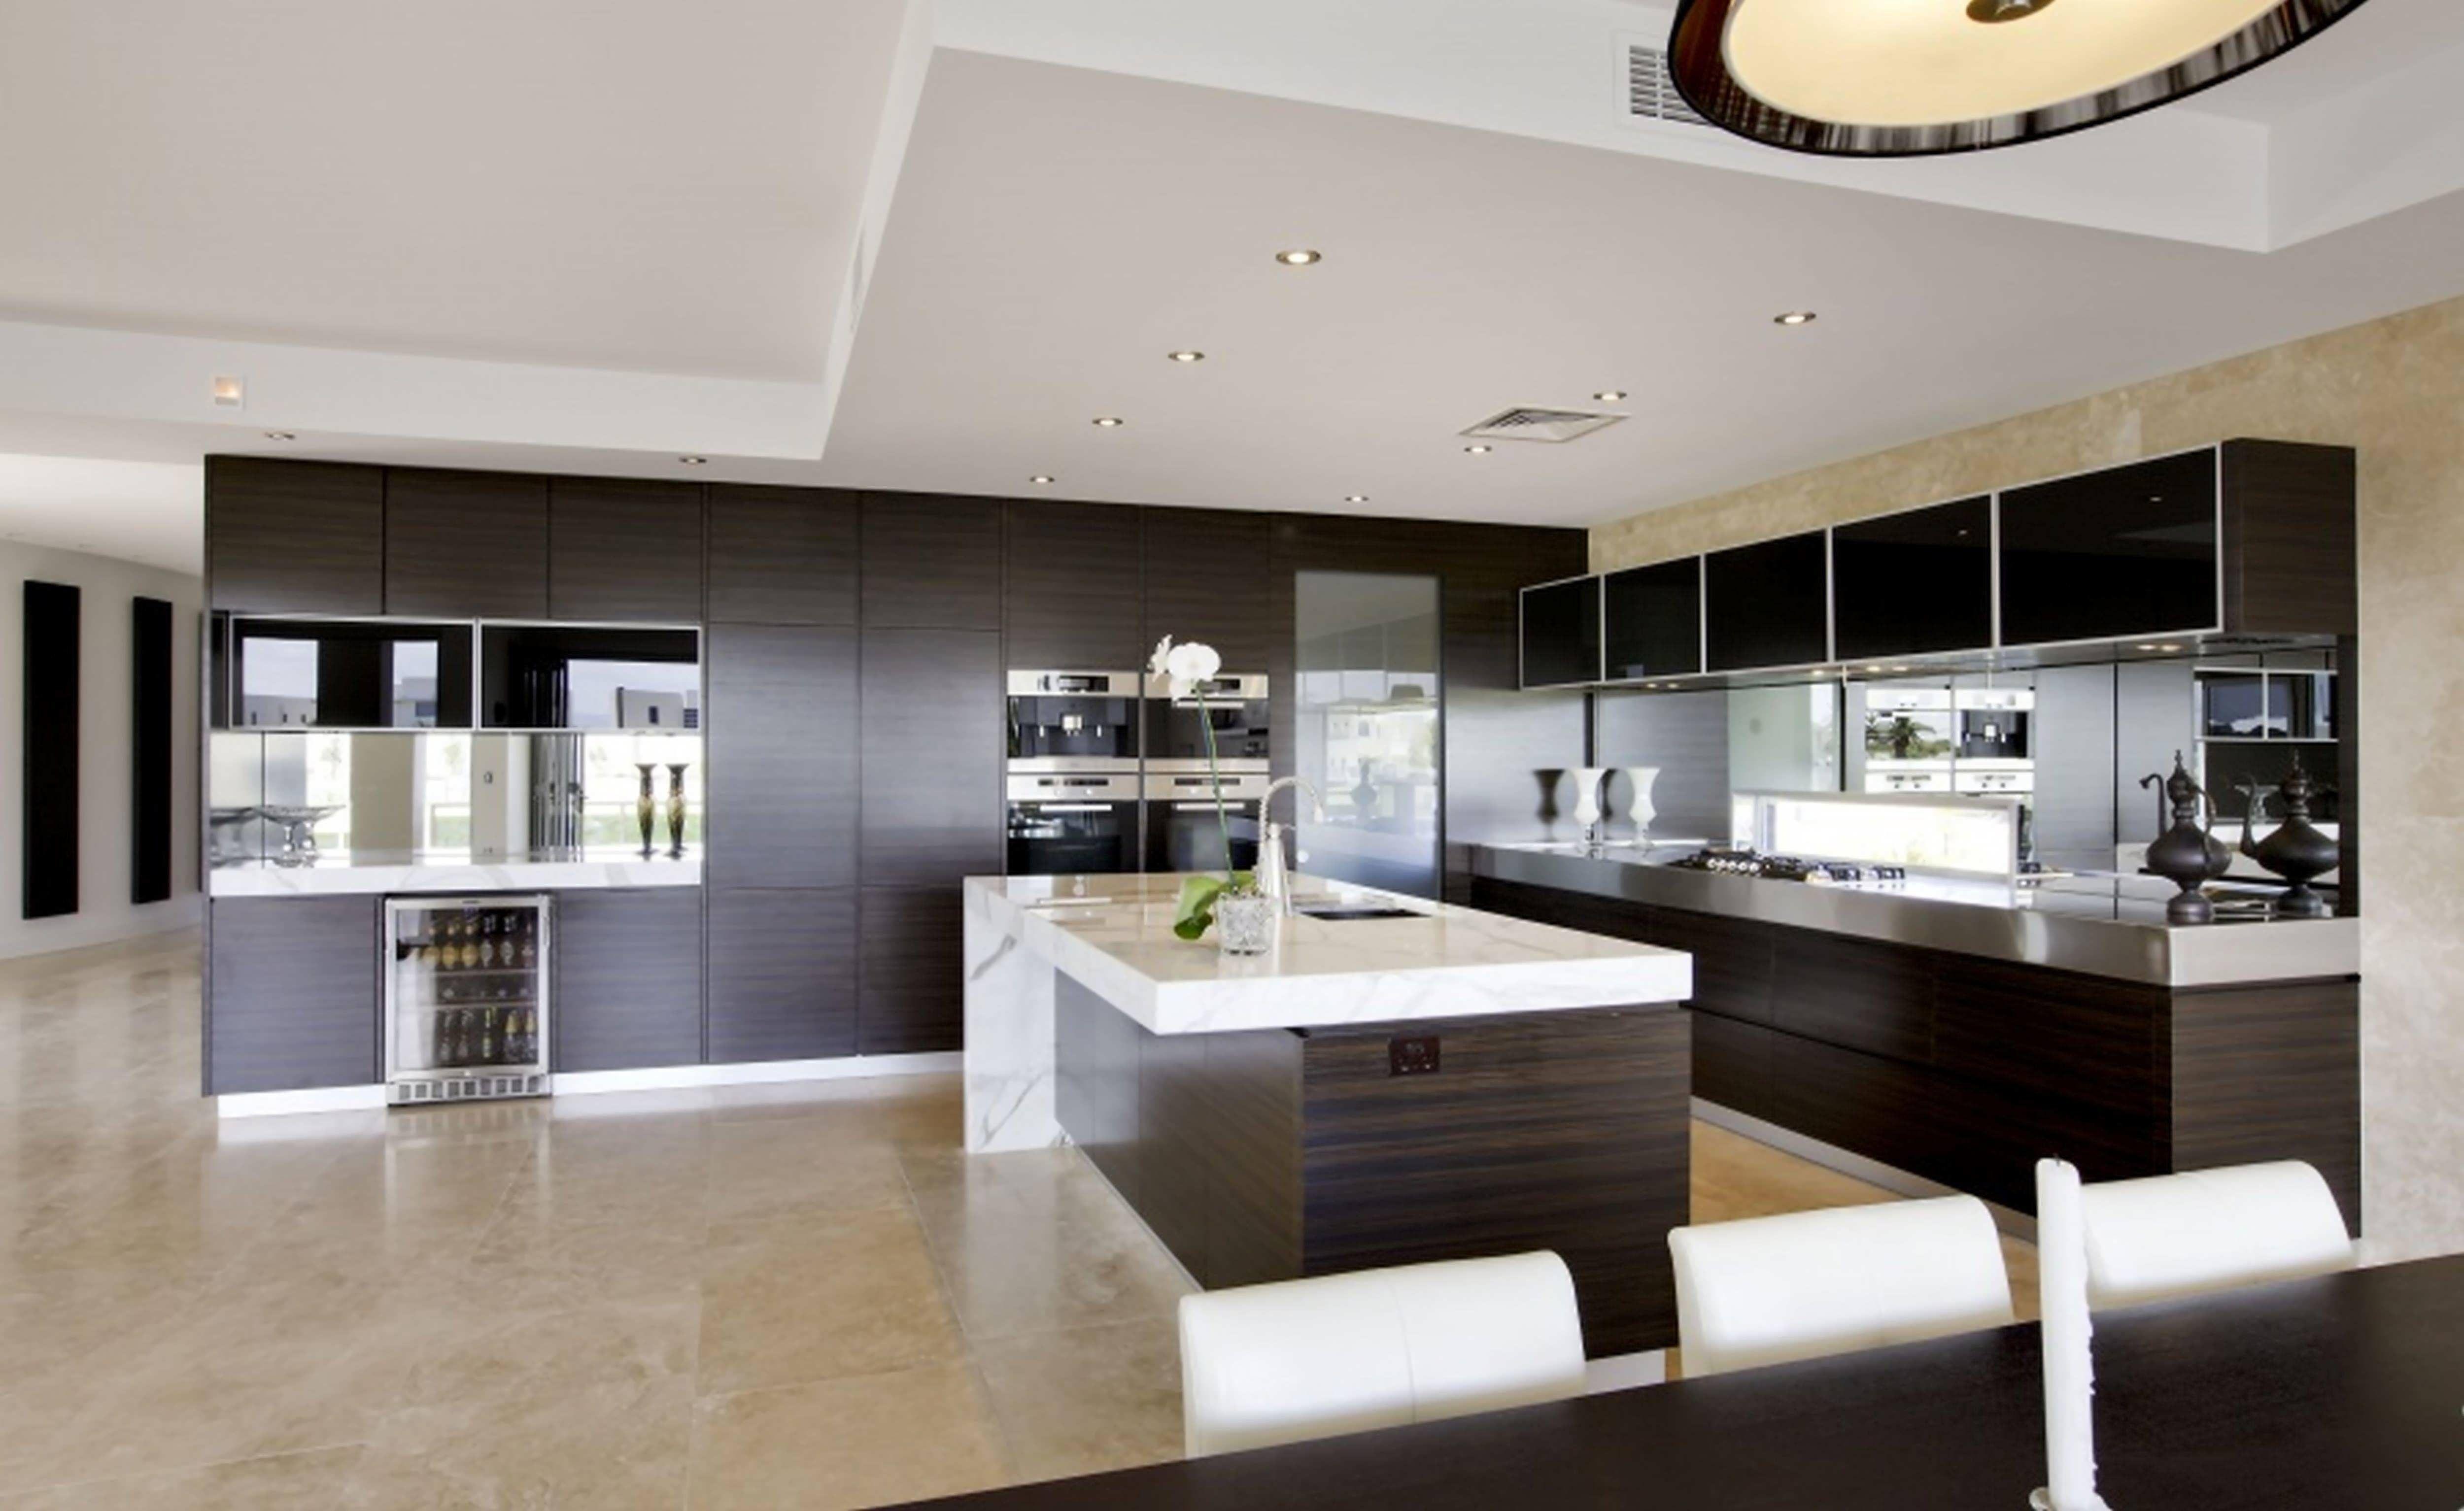 More 5 Coolest Luxury Modern Kitchen Design Luxury Kitchen Design Modern Kitchen Open Plan Kitchen Design Open